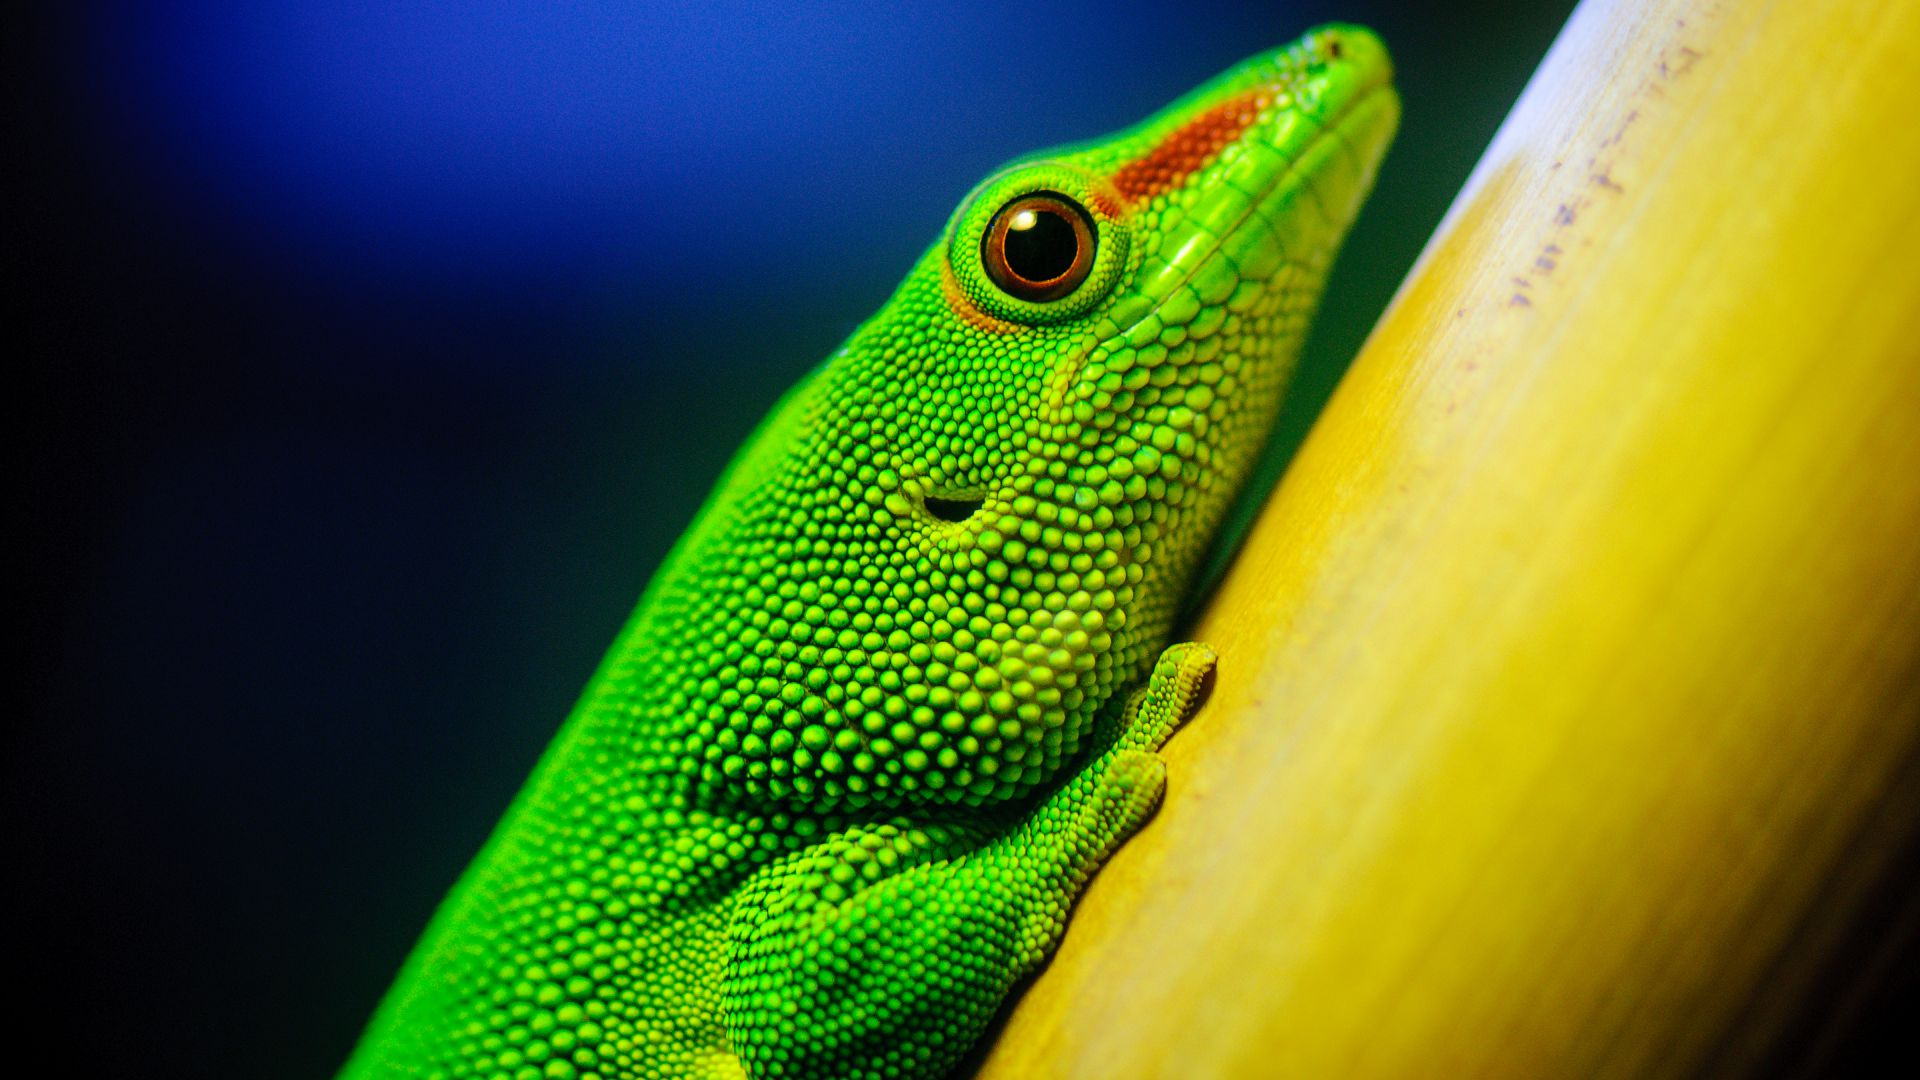 K Dragon Lizard Wallpaper Lizard, macr...